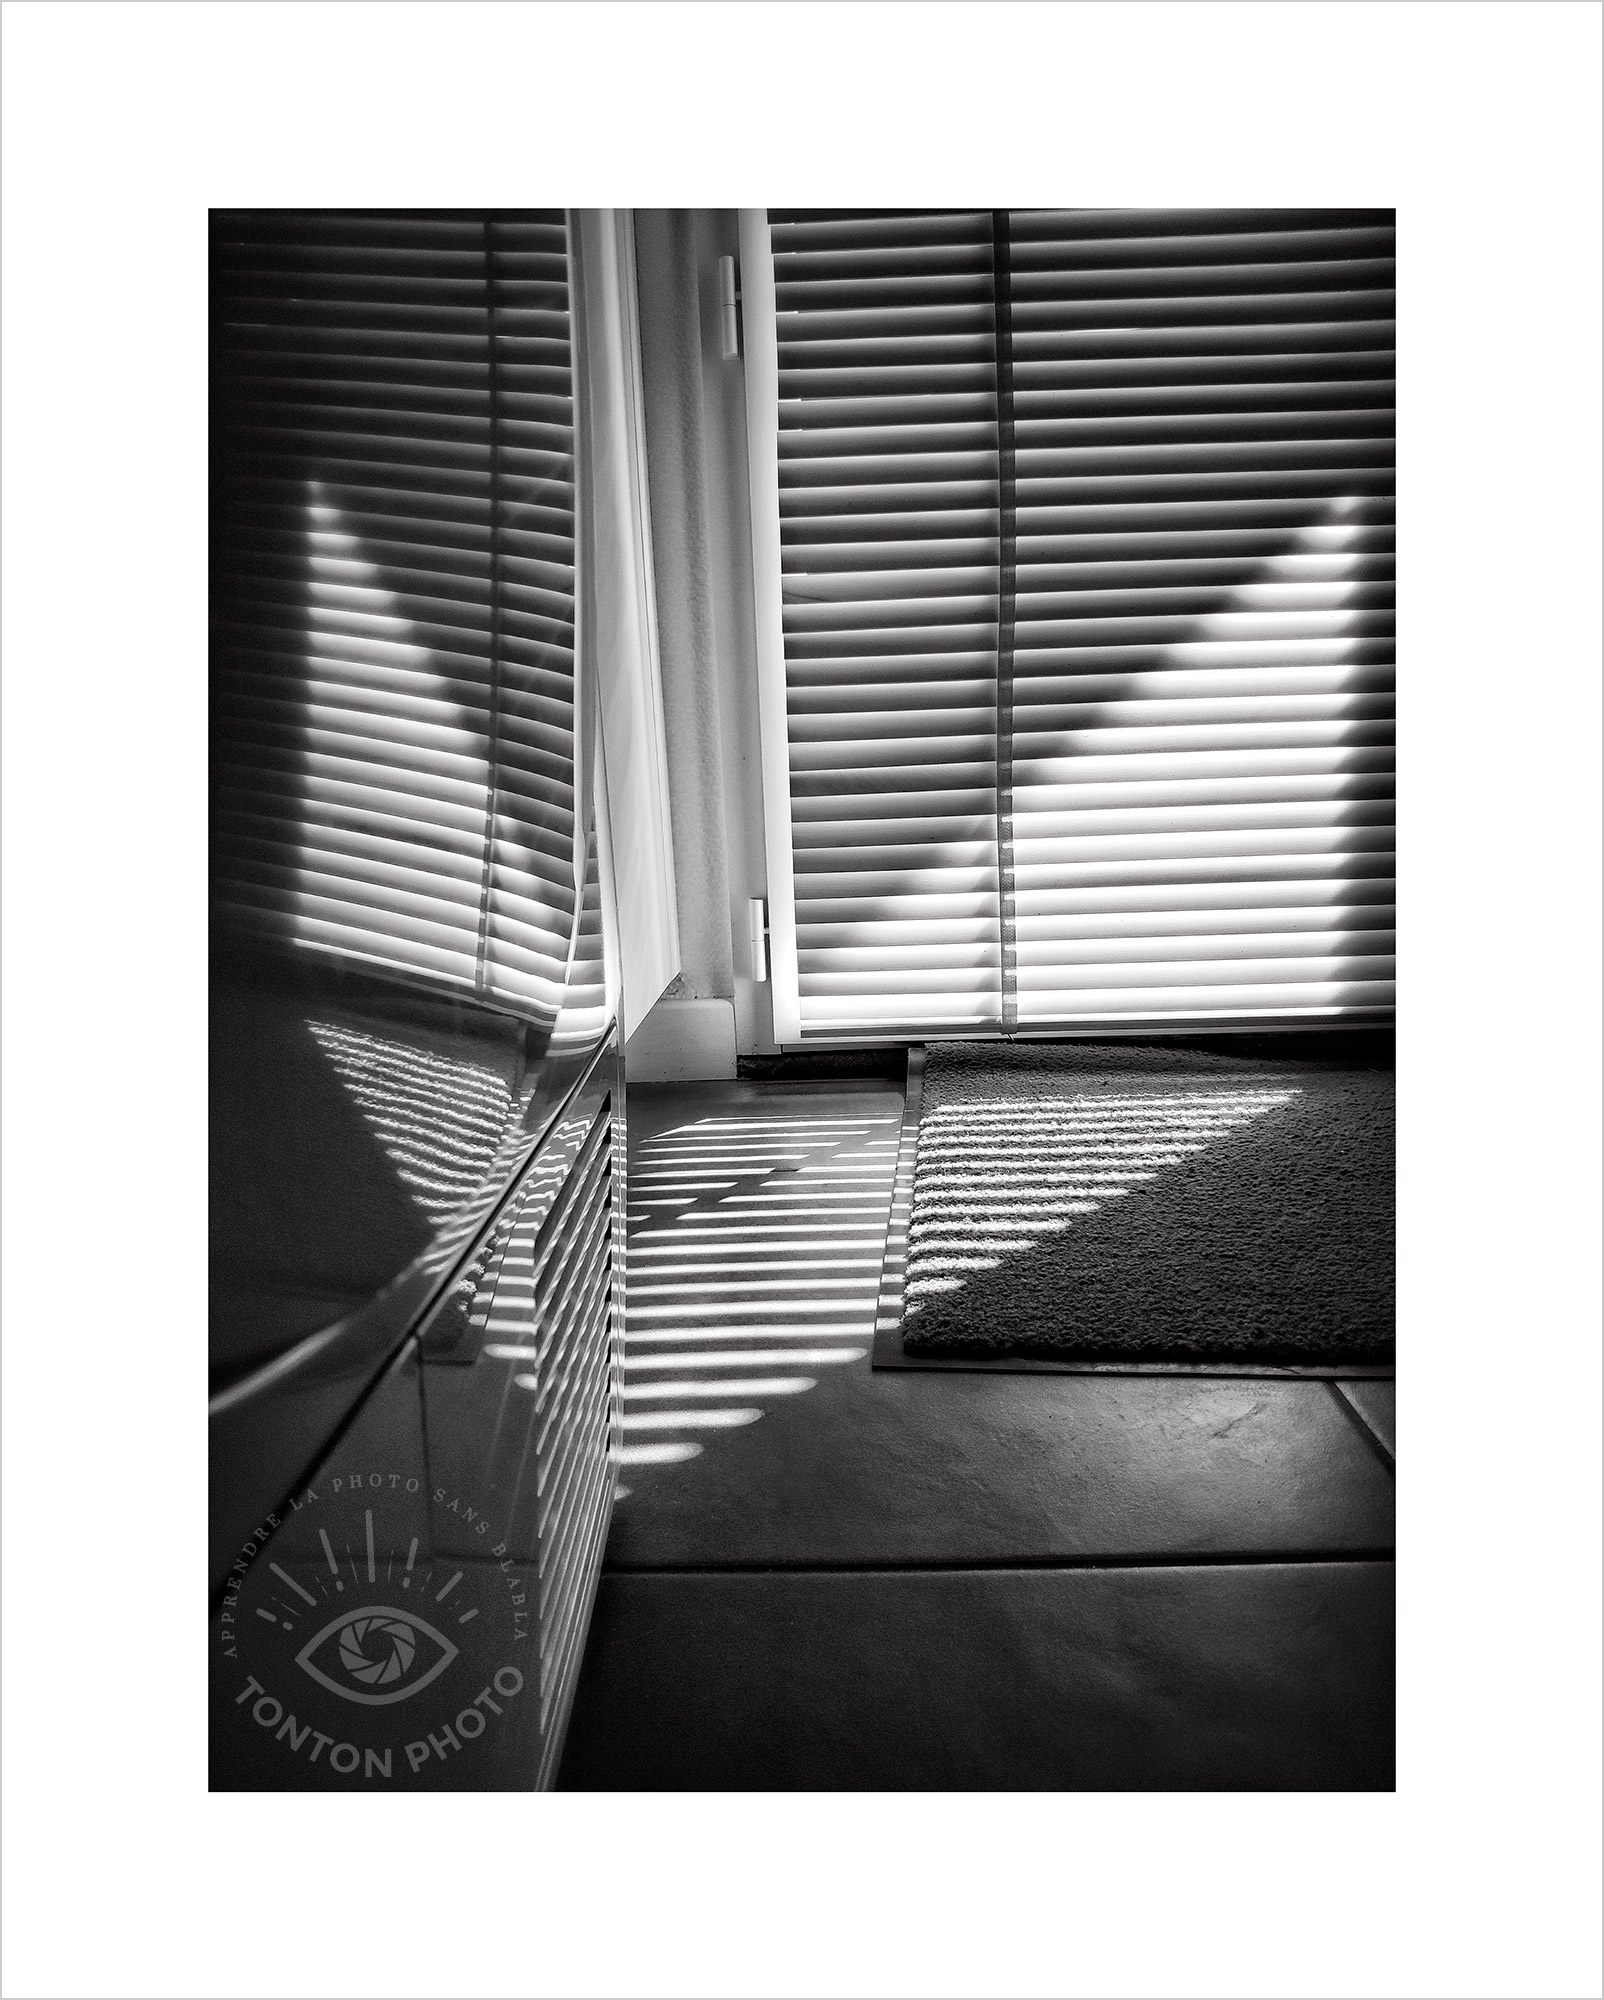 Jeu d'ombre et de lumière  entre les lignes du store, le reflet dans le sèche-linge et les lignes de la grille d'aération de ce dernier. Photo prise au smartphone Xiaomi Mi Mix 3 © Tonton Photo